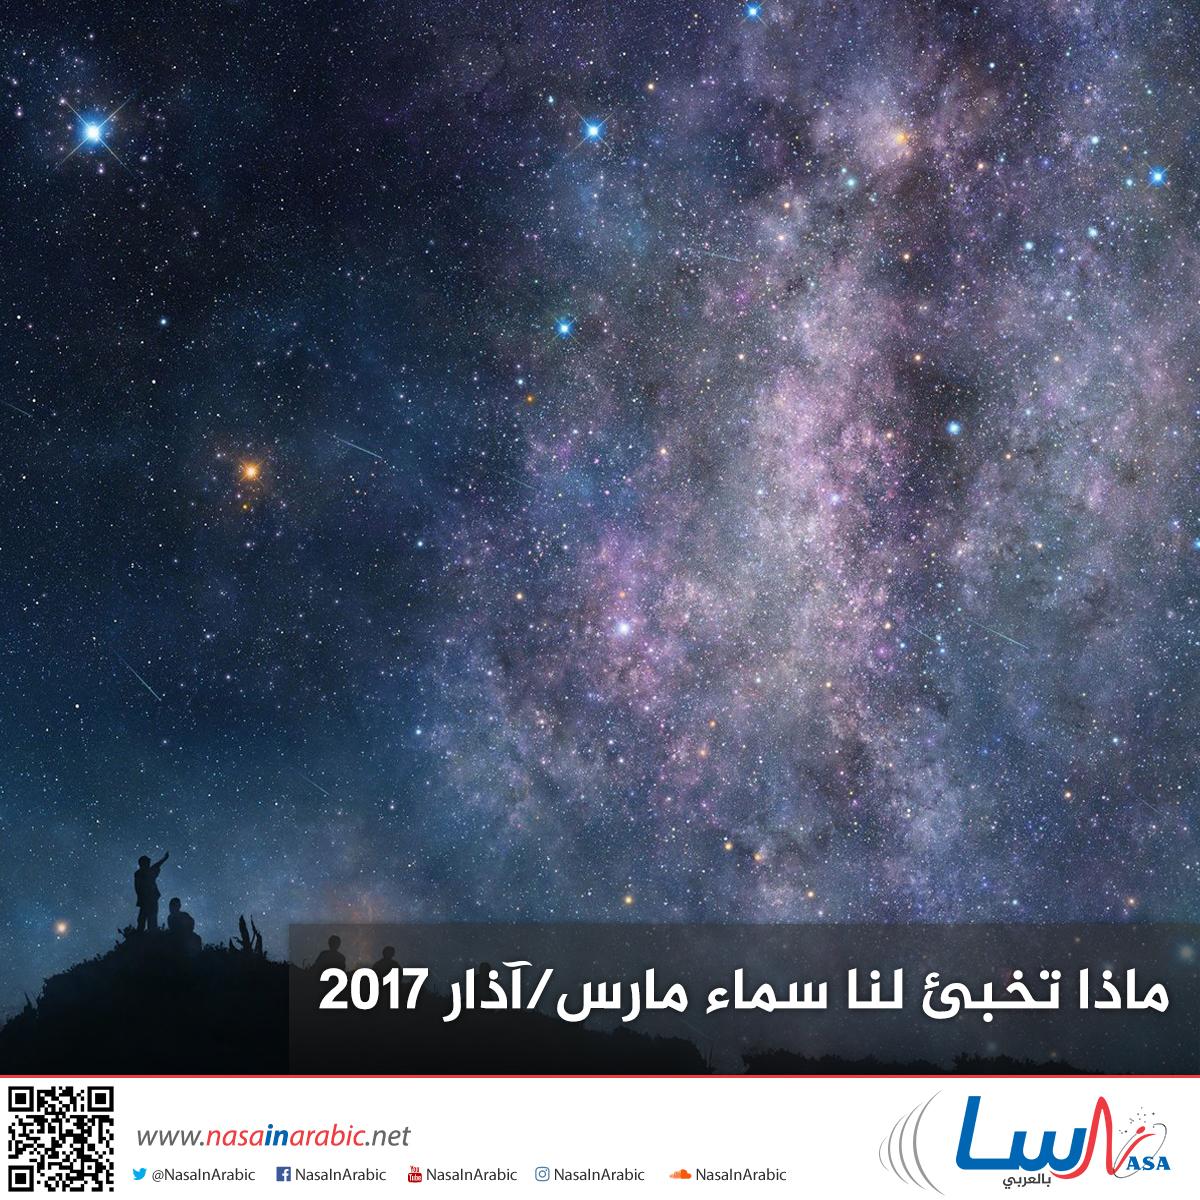 ماذا تخبئ لنا سماء مارس/آذار 2017